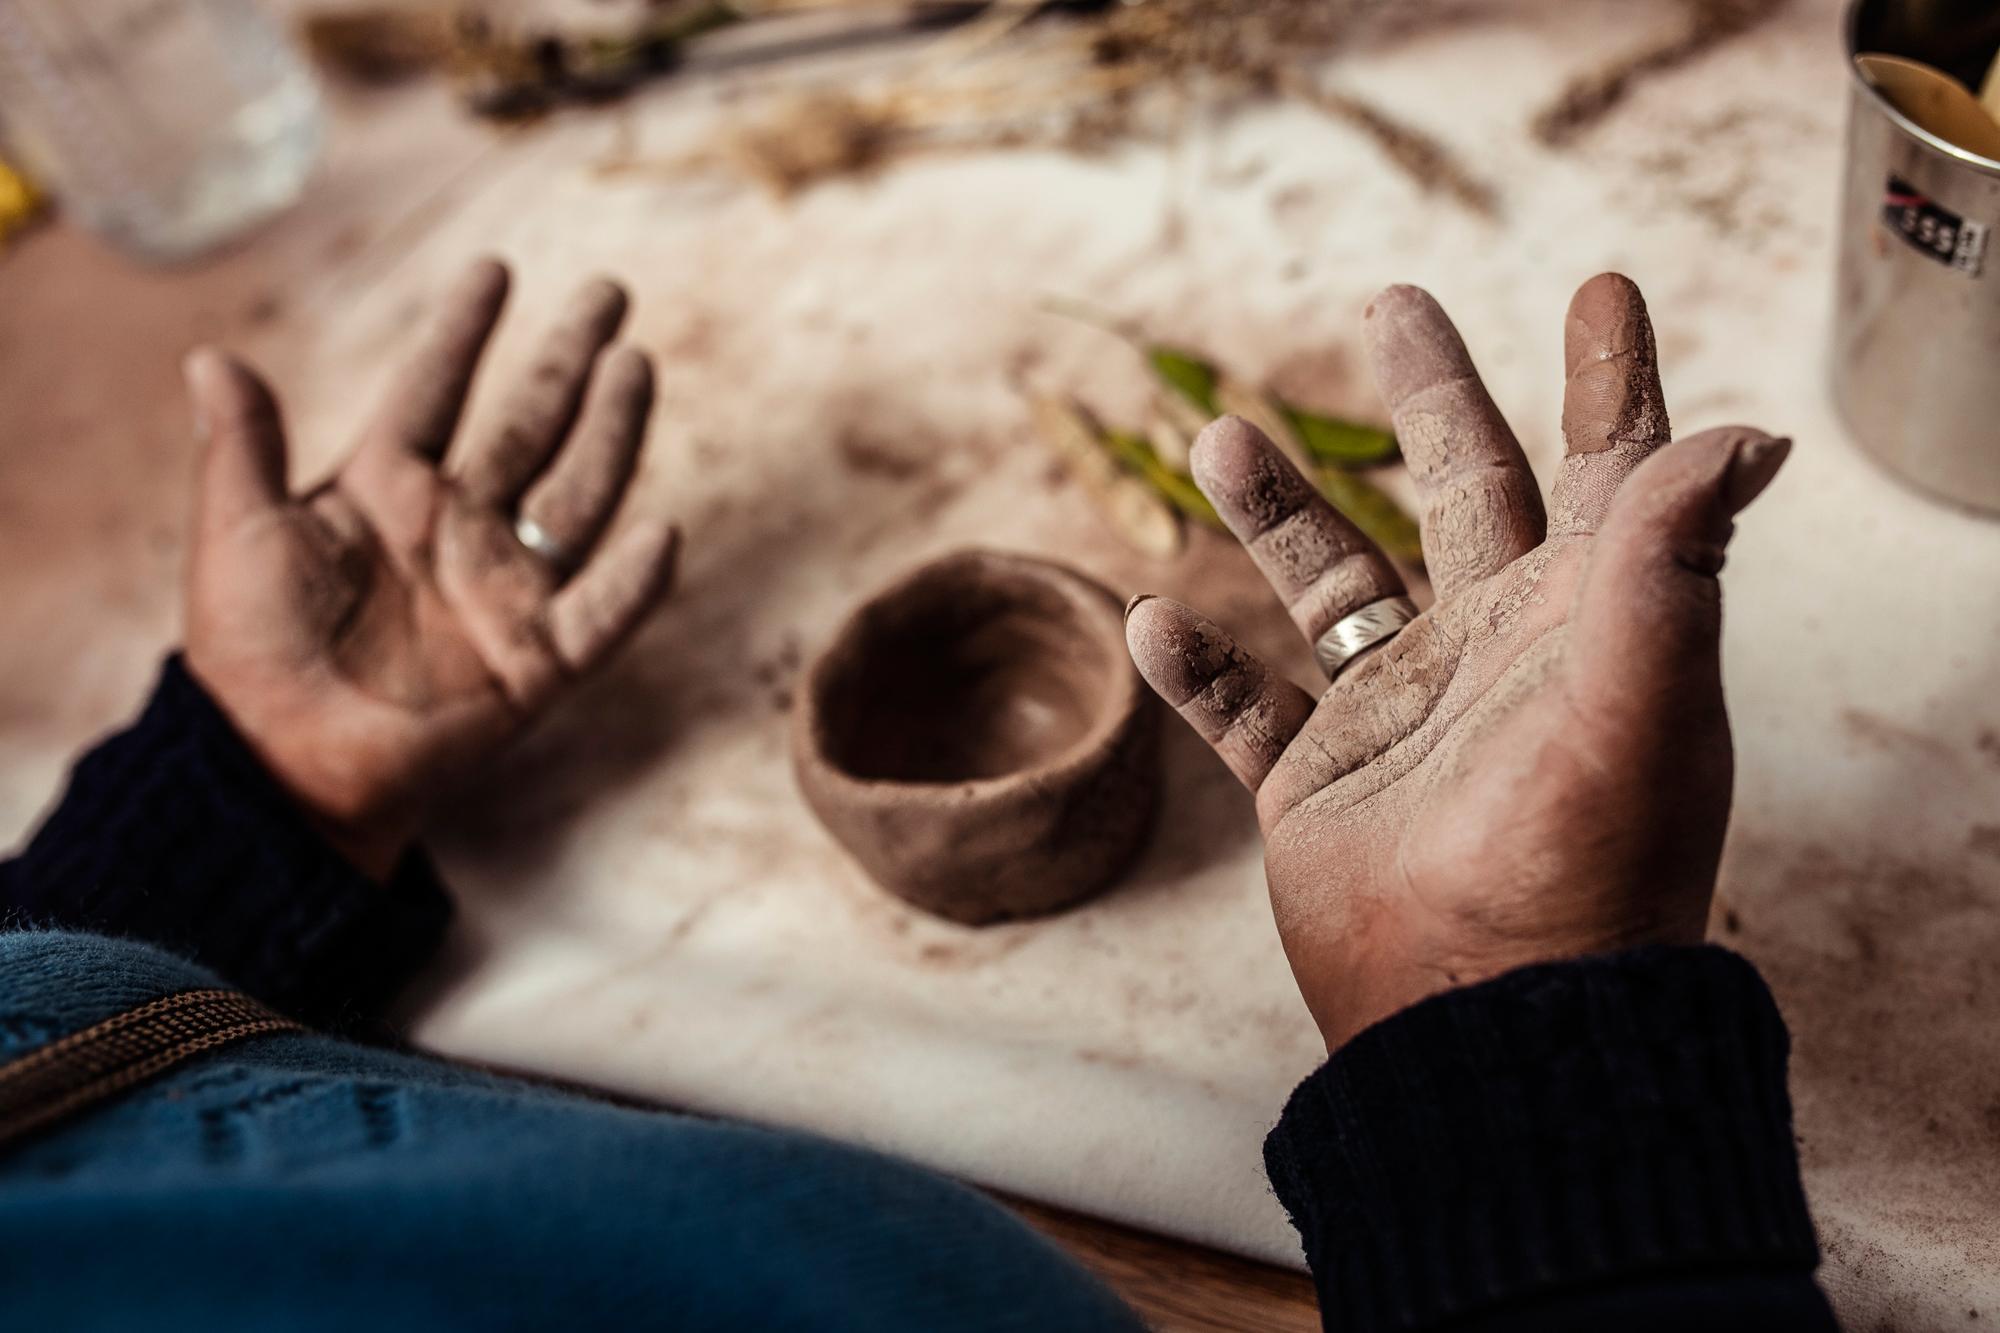 workshop-ceramic-3